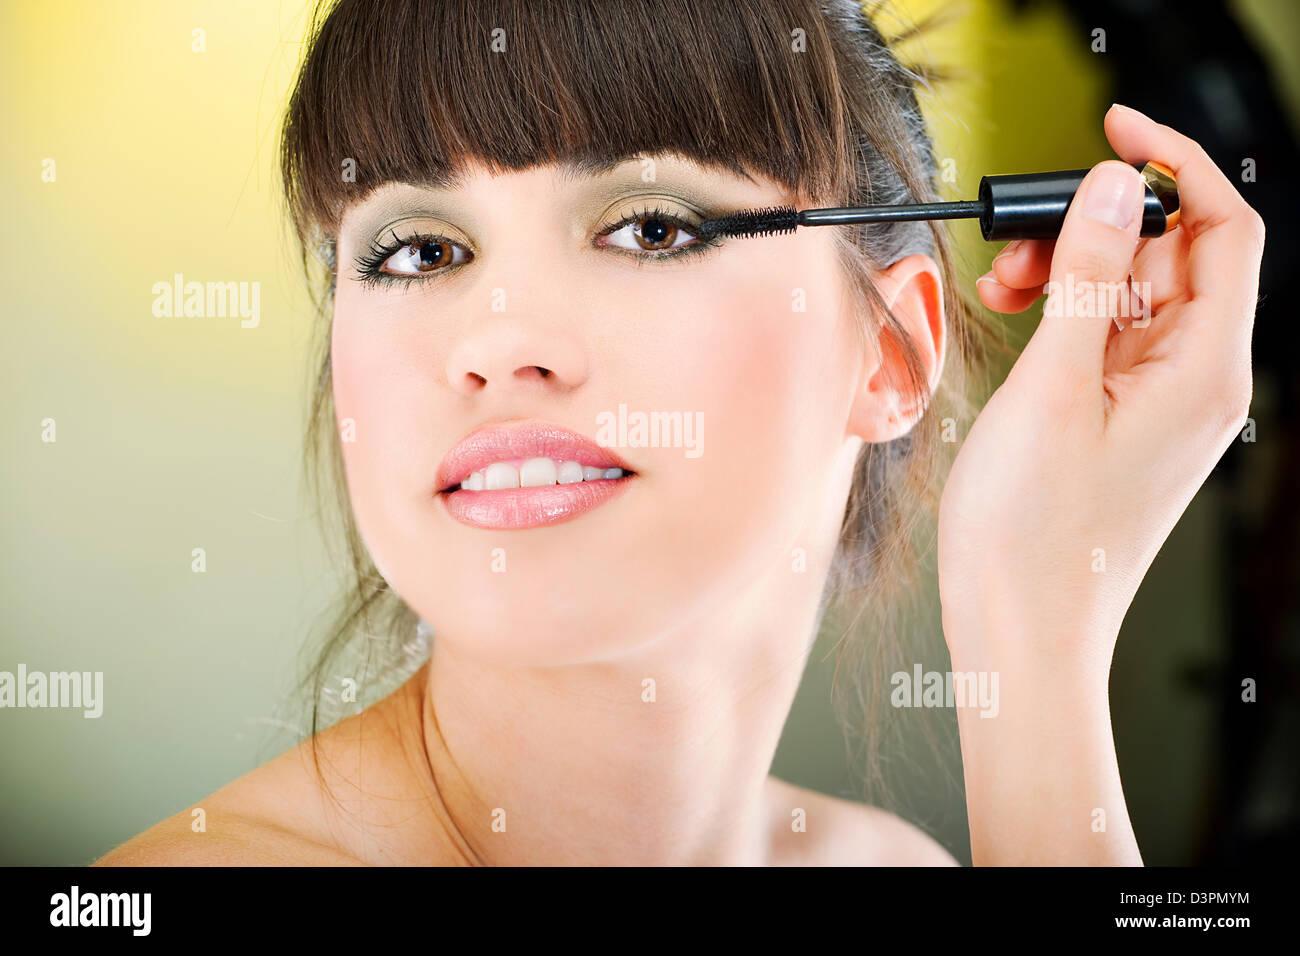 Pretty Woman aplicar mascara Imagen De Stock